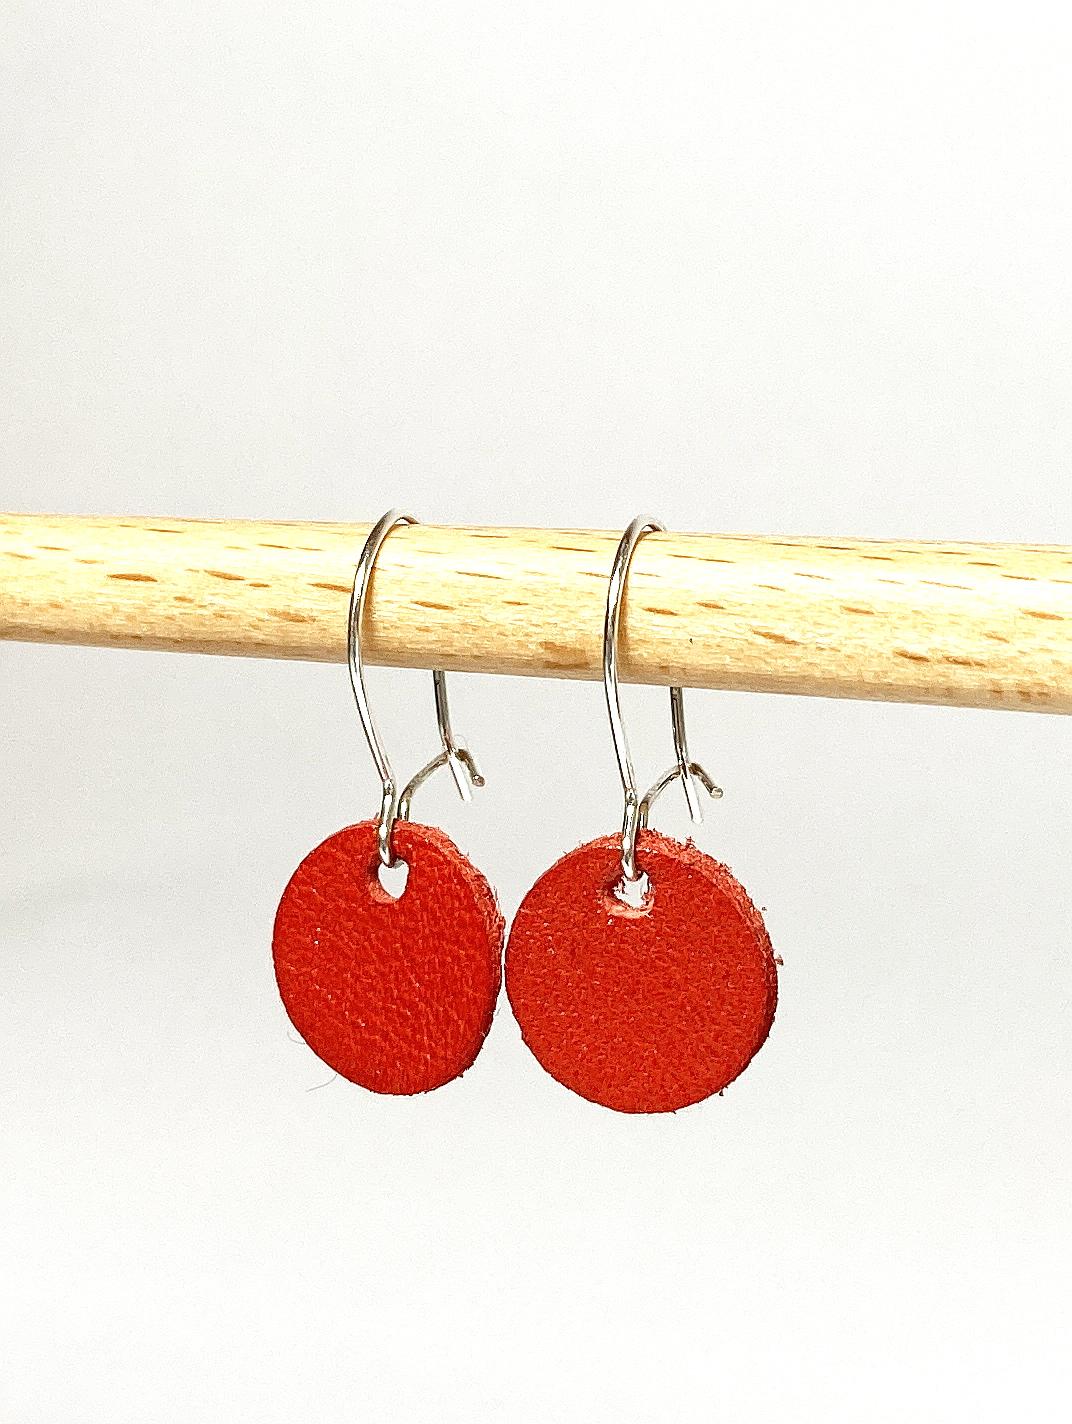 Silberne Ohrringe mit rotem Lederanhänger